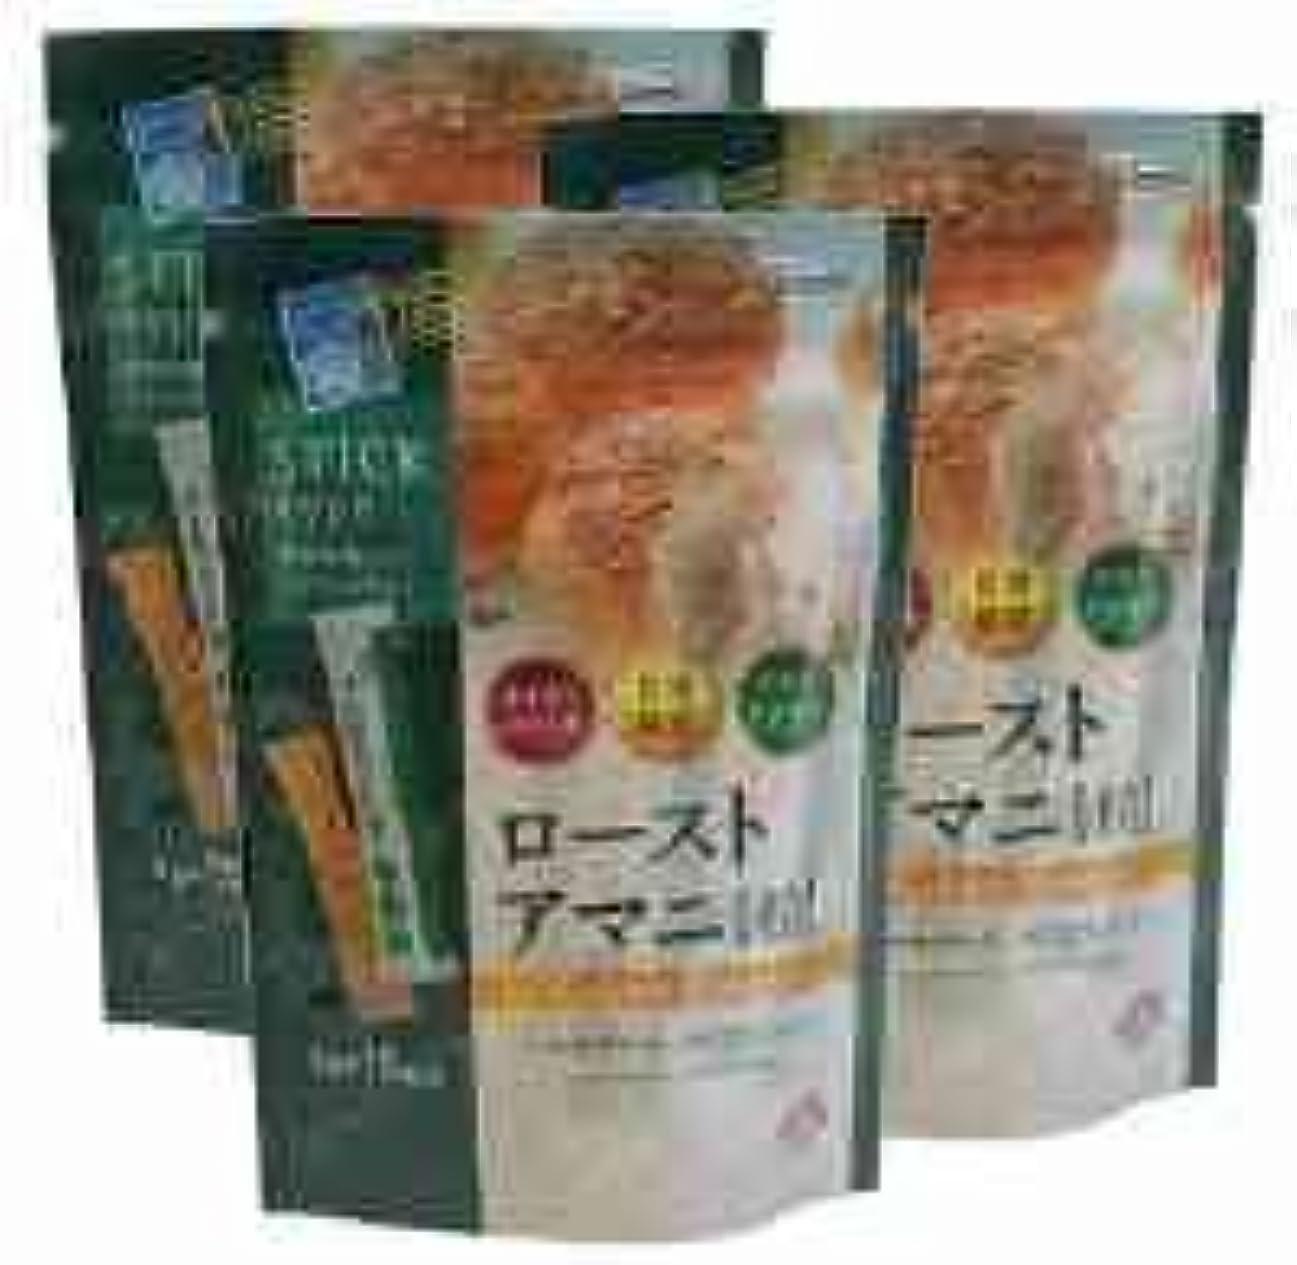 怪物荒涼としたハーブローストアマニ粒【3袋セット】日本製粉